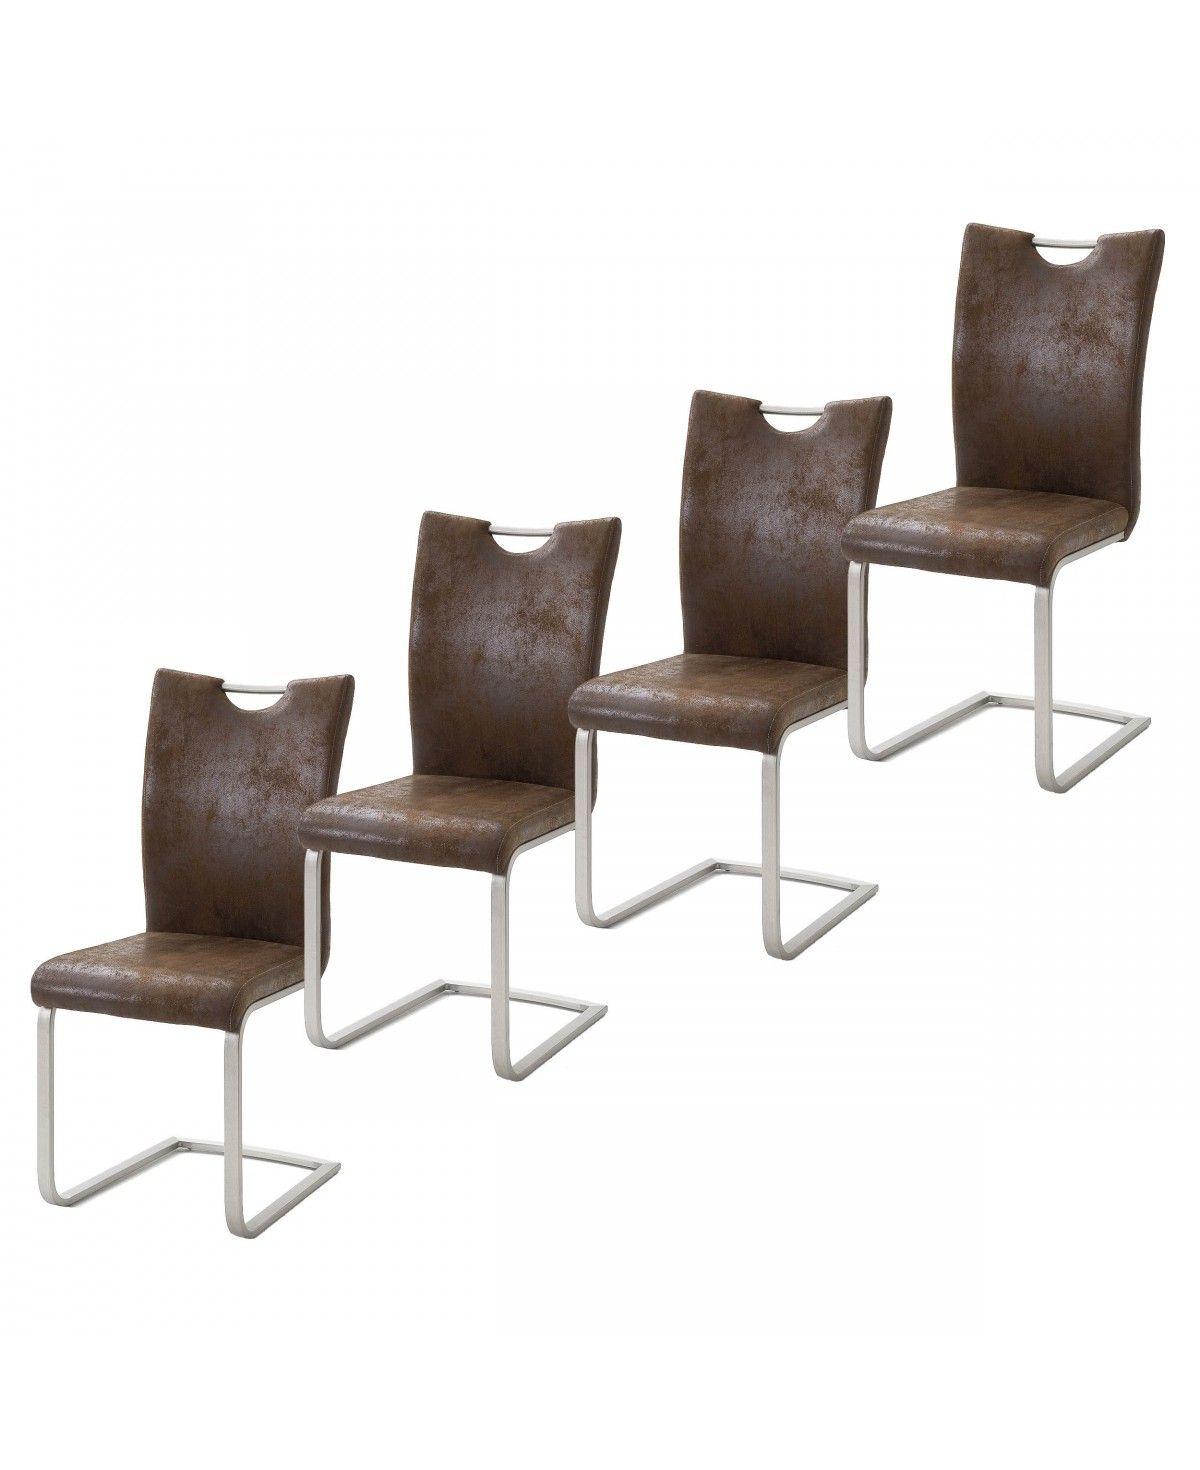 schwingst hle st hle 4er set vintage look rahmen edelstahl geb rstet. Black Bedroom Furniture Sets. Home Design Ideas